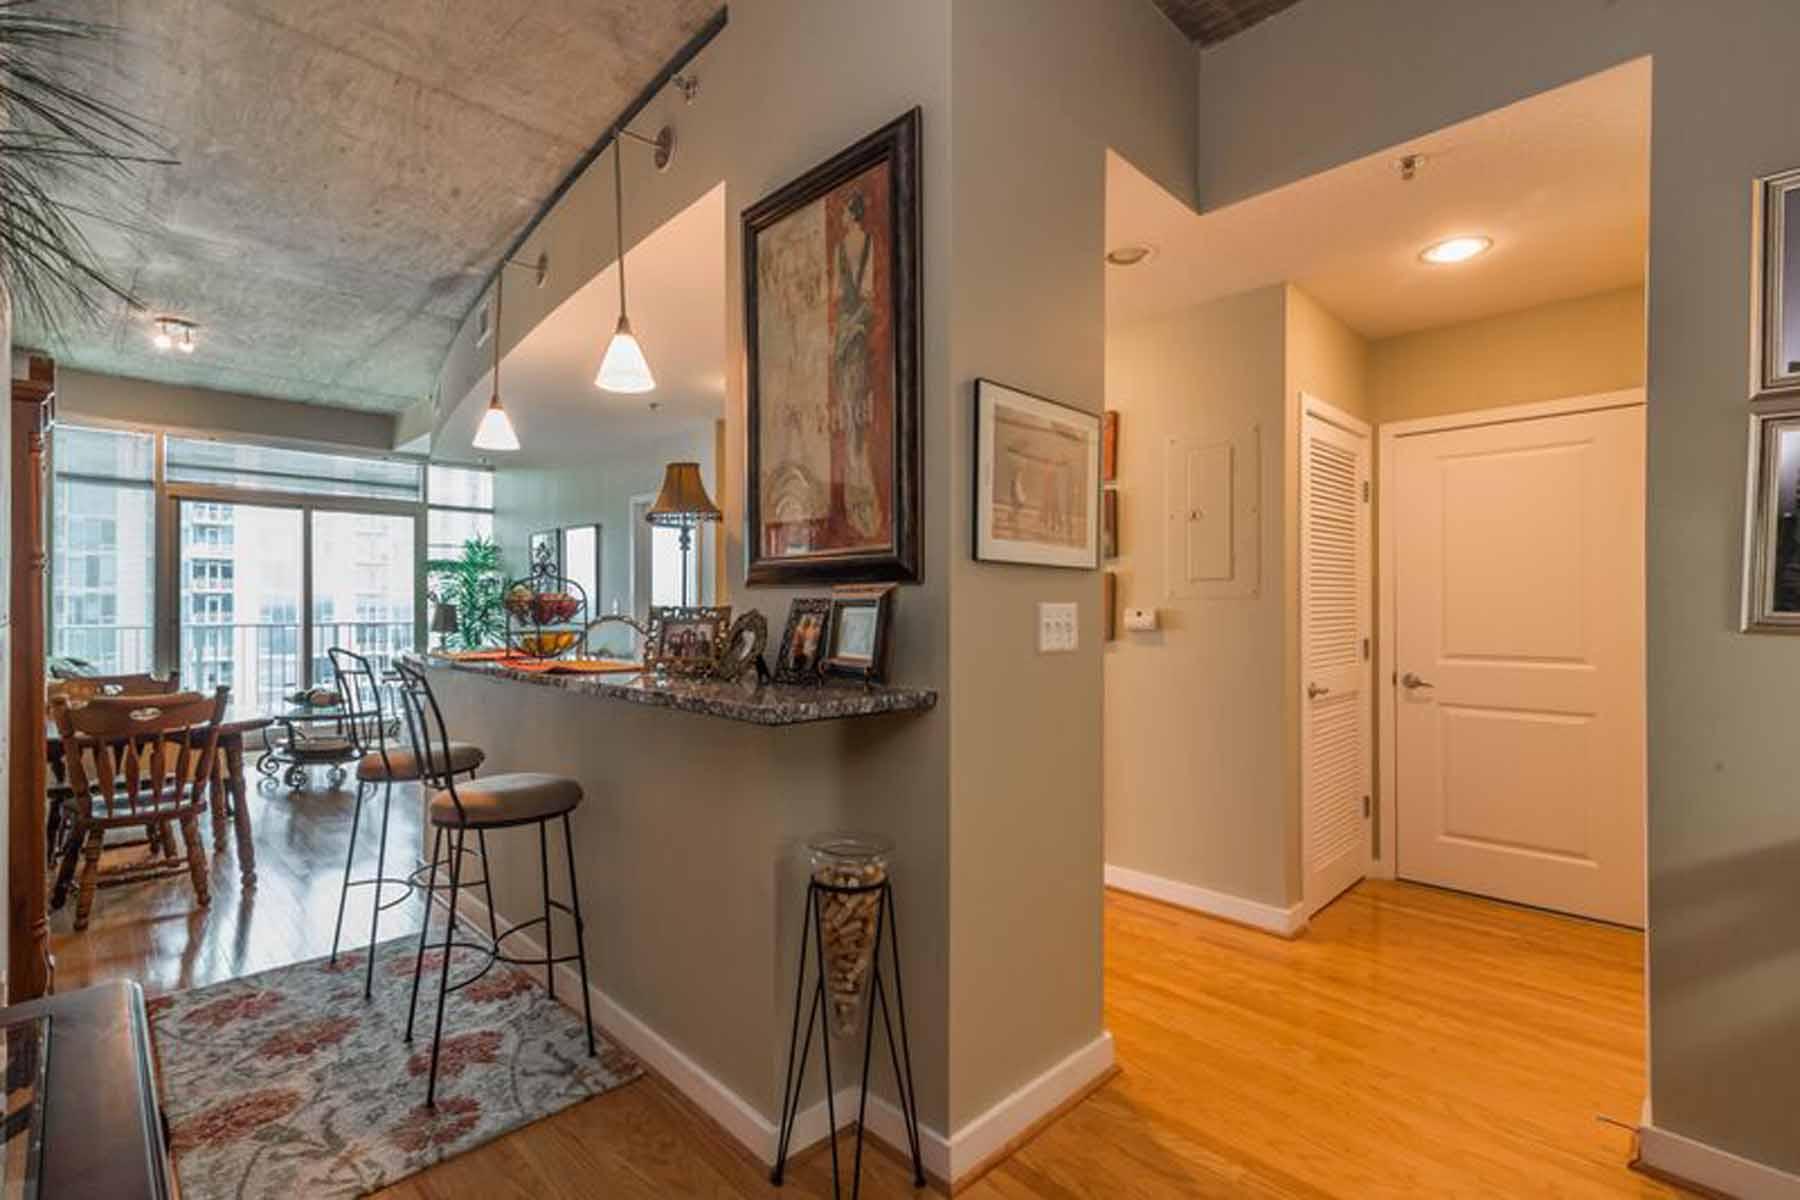 Condominium for Sale at Eclipse true 1/1 floor plan 250 Pharr Road #1503 Atlanta, Georgia 30305 United States